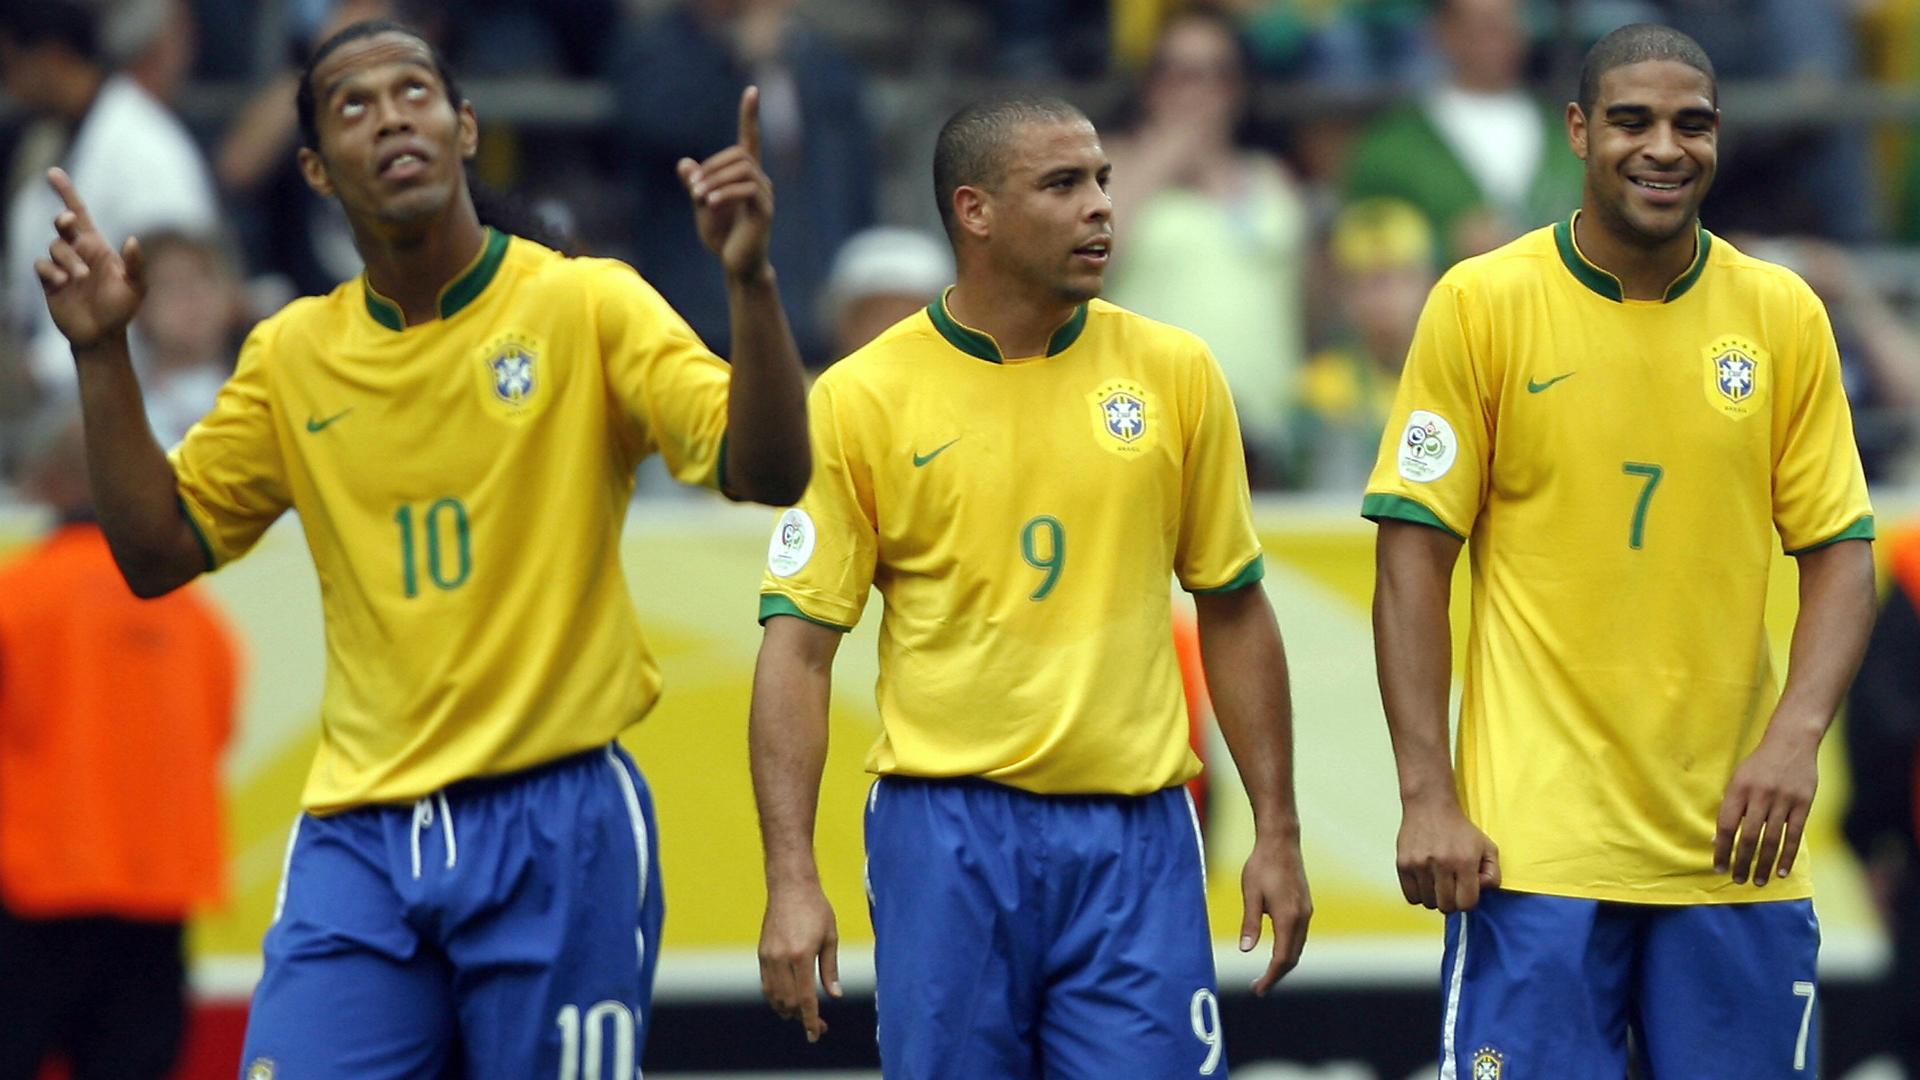 Ronaldo and Ronaldinho